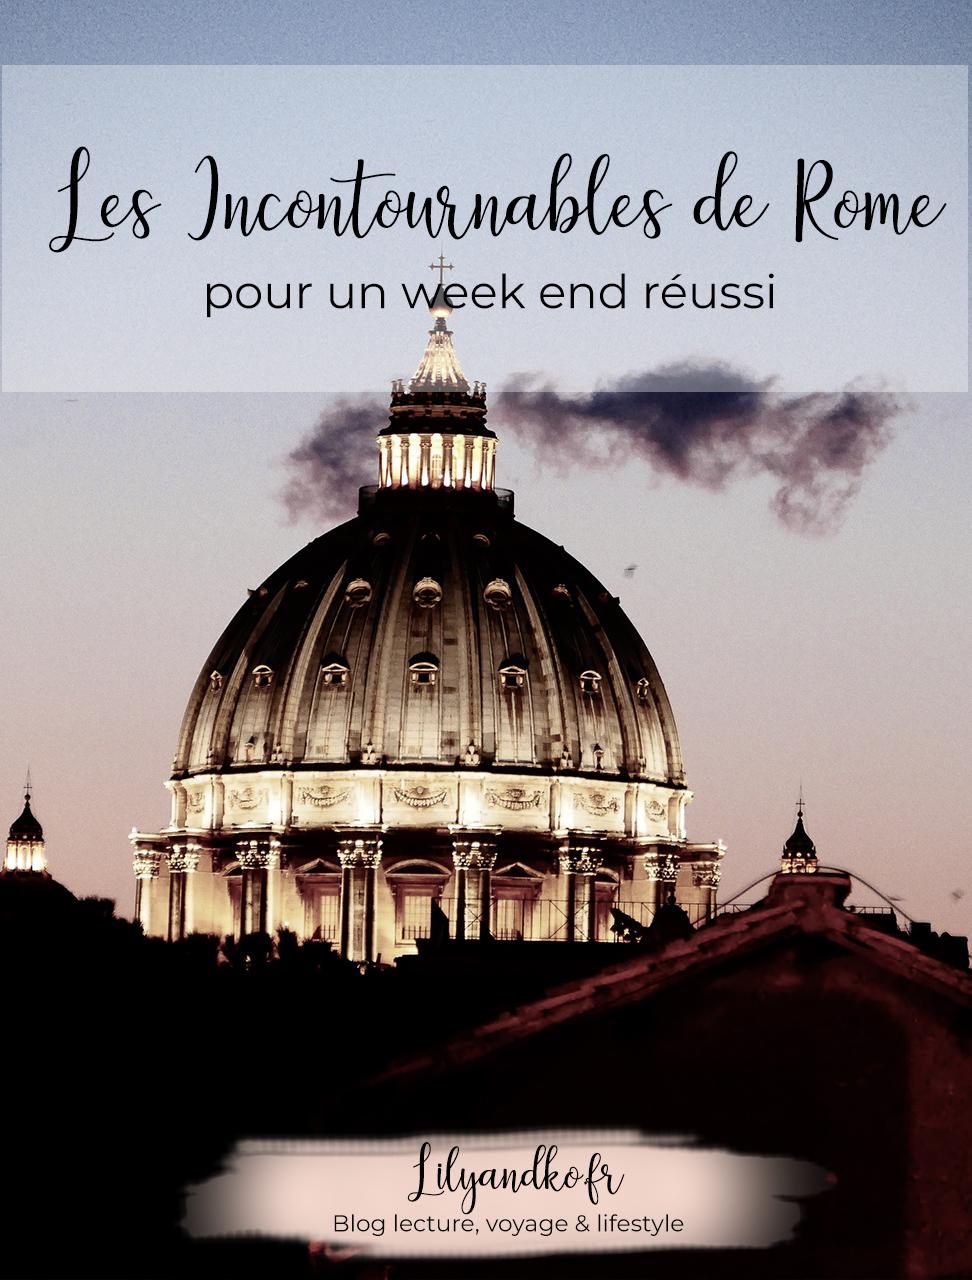 idée incontournables de rome